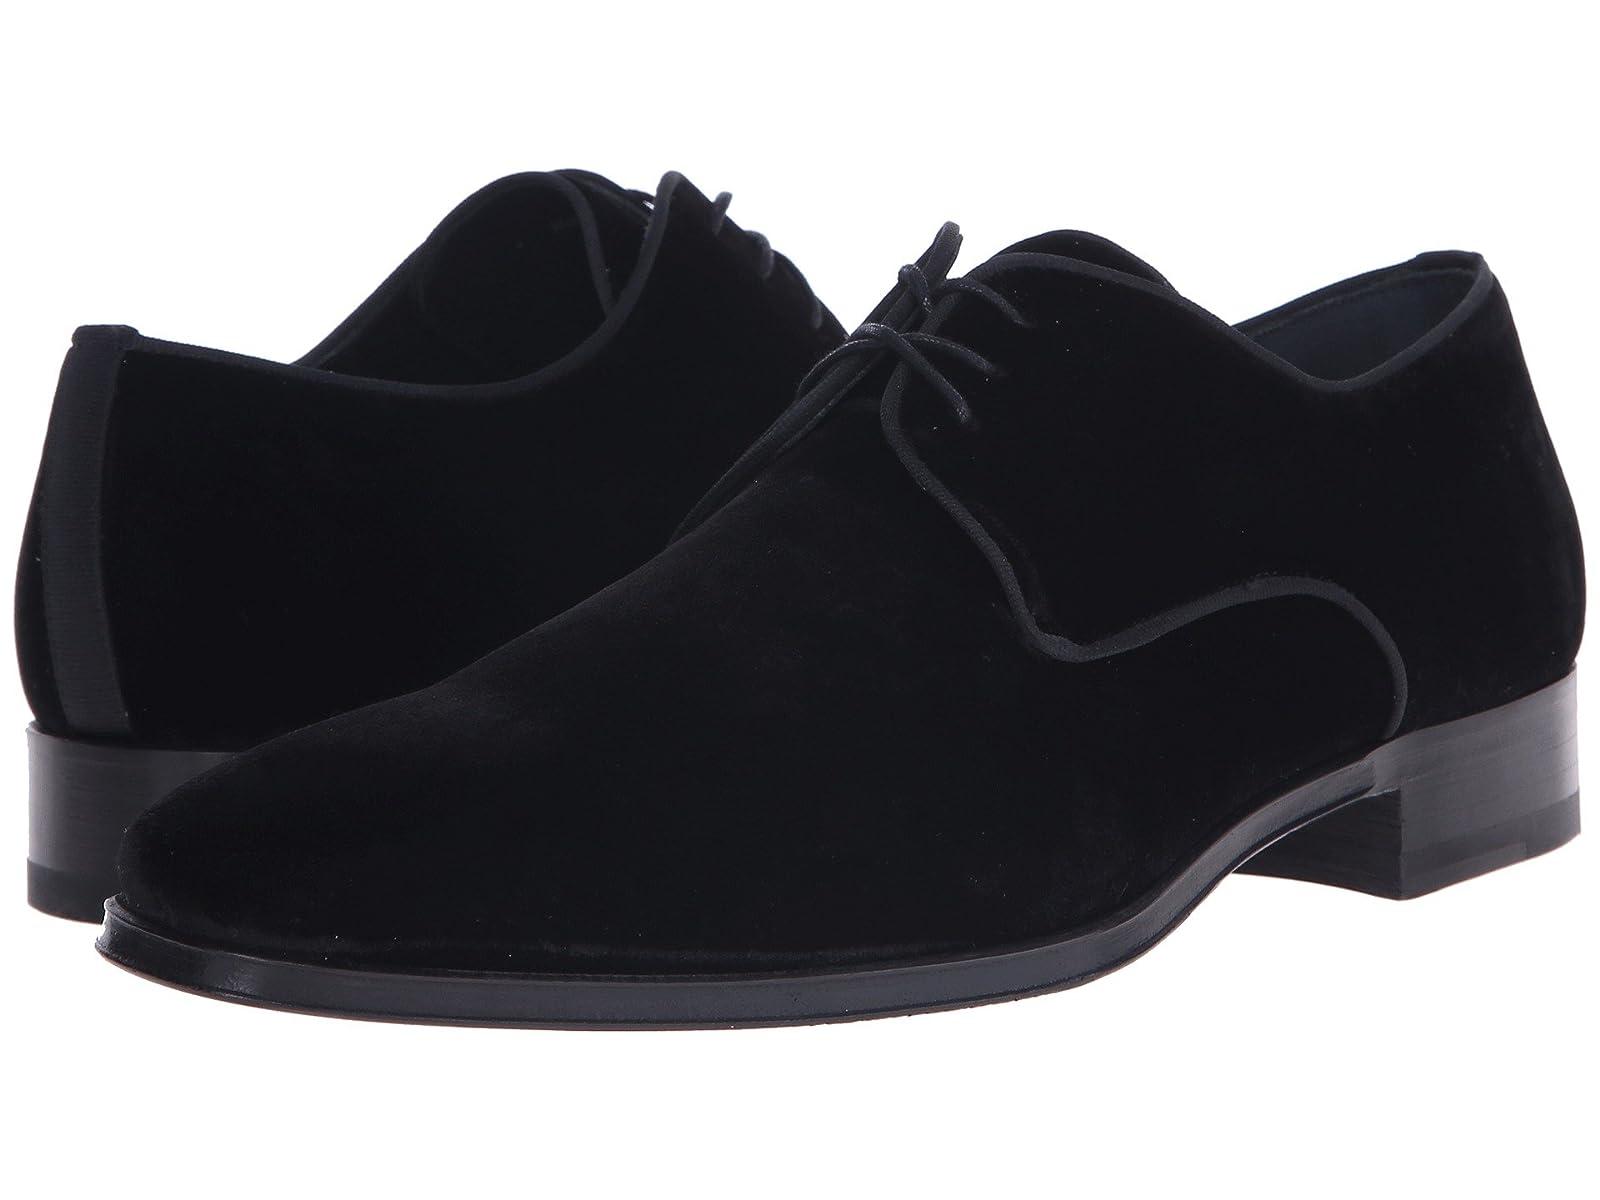 Magnanni DanteAtmospheric grades have affordable shoes